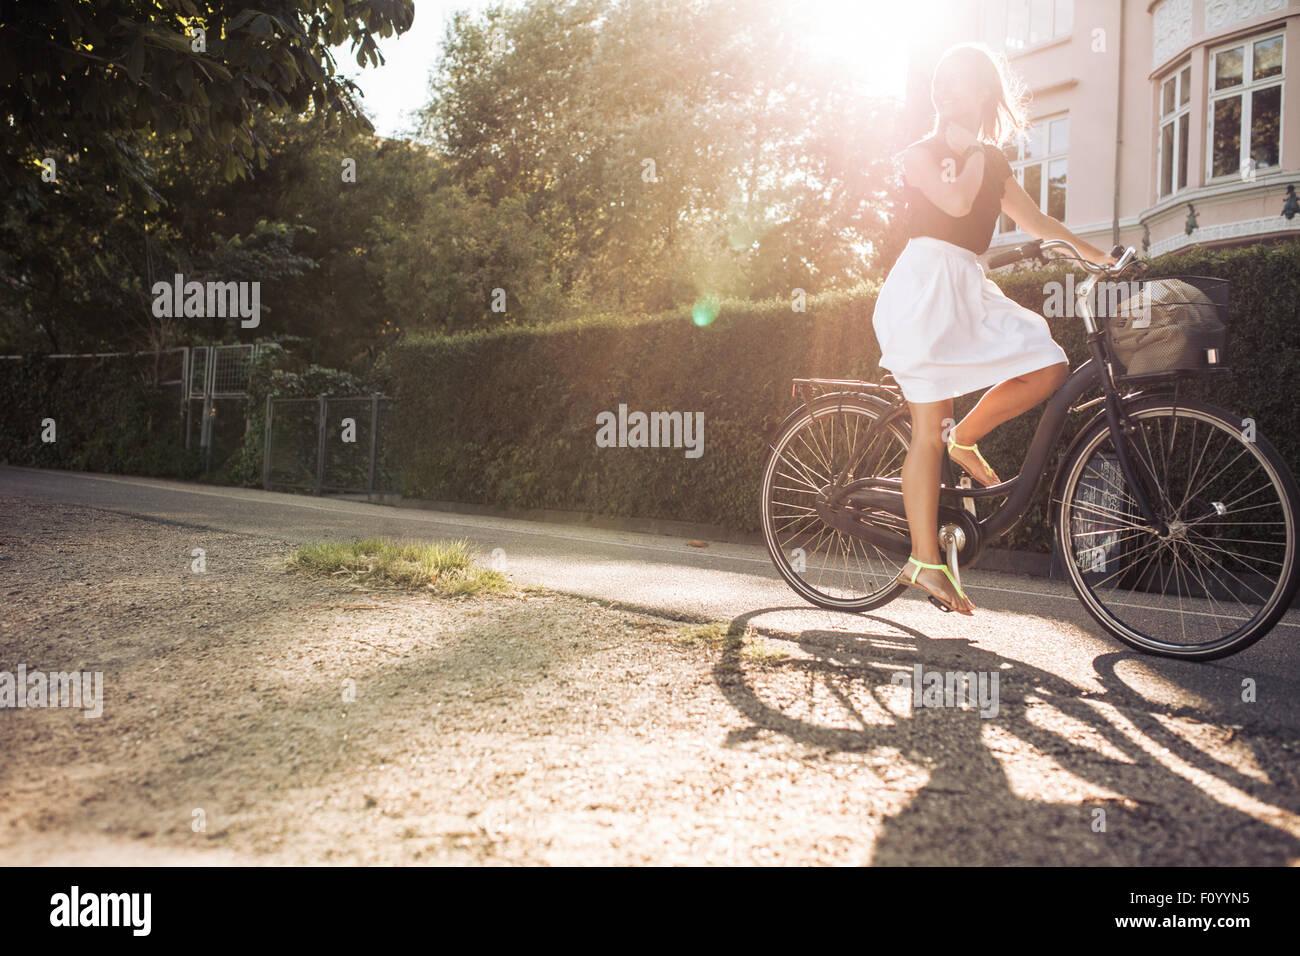 Tourné en plein air d'une jeune femme à vélo sur rue. La femme location avec sun flare. Photo Stock